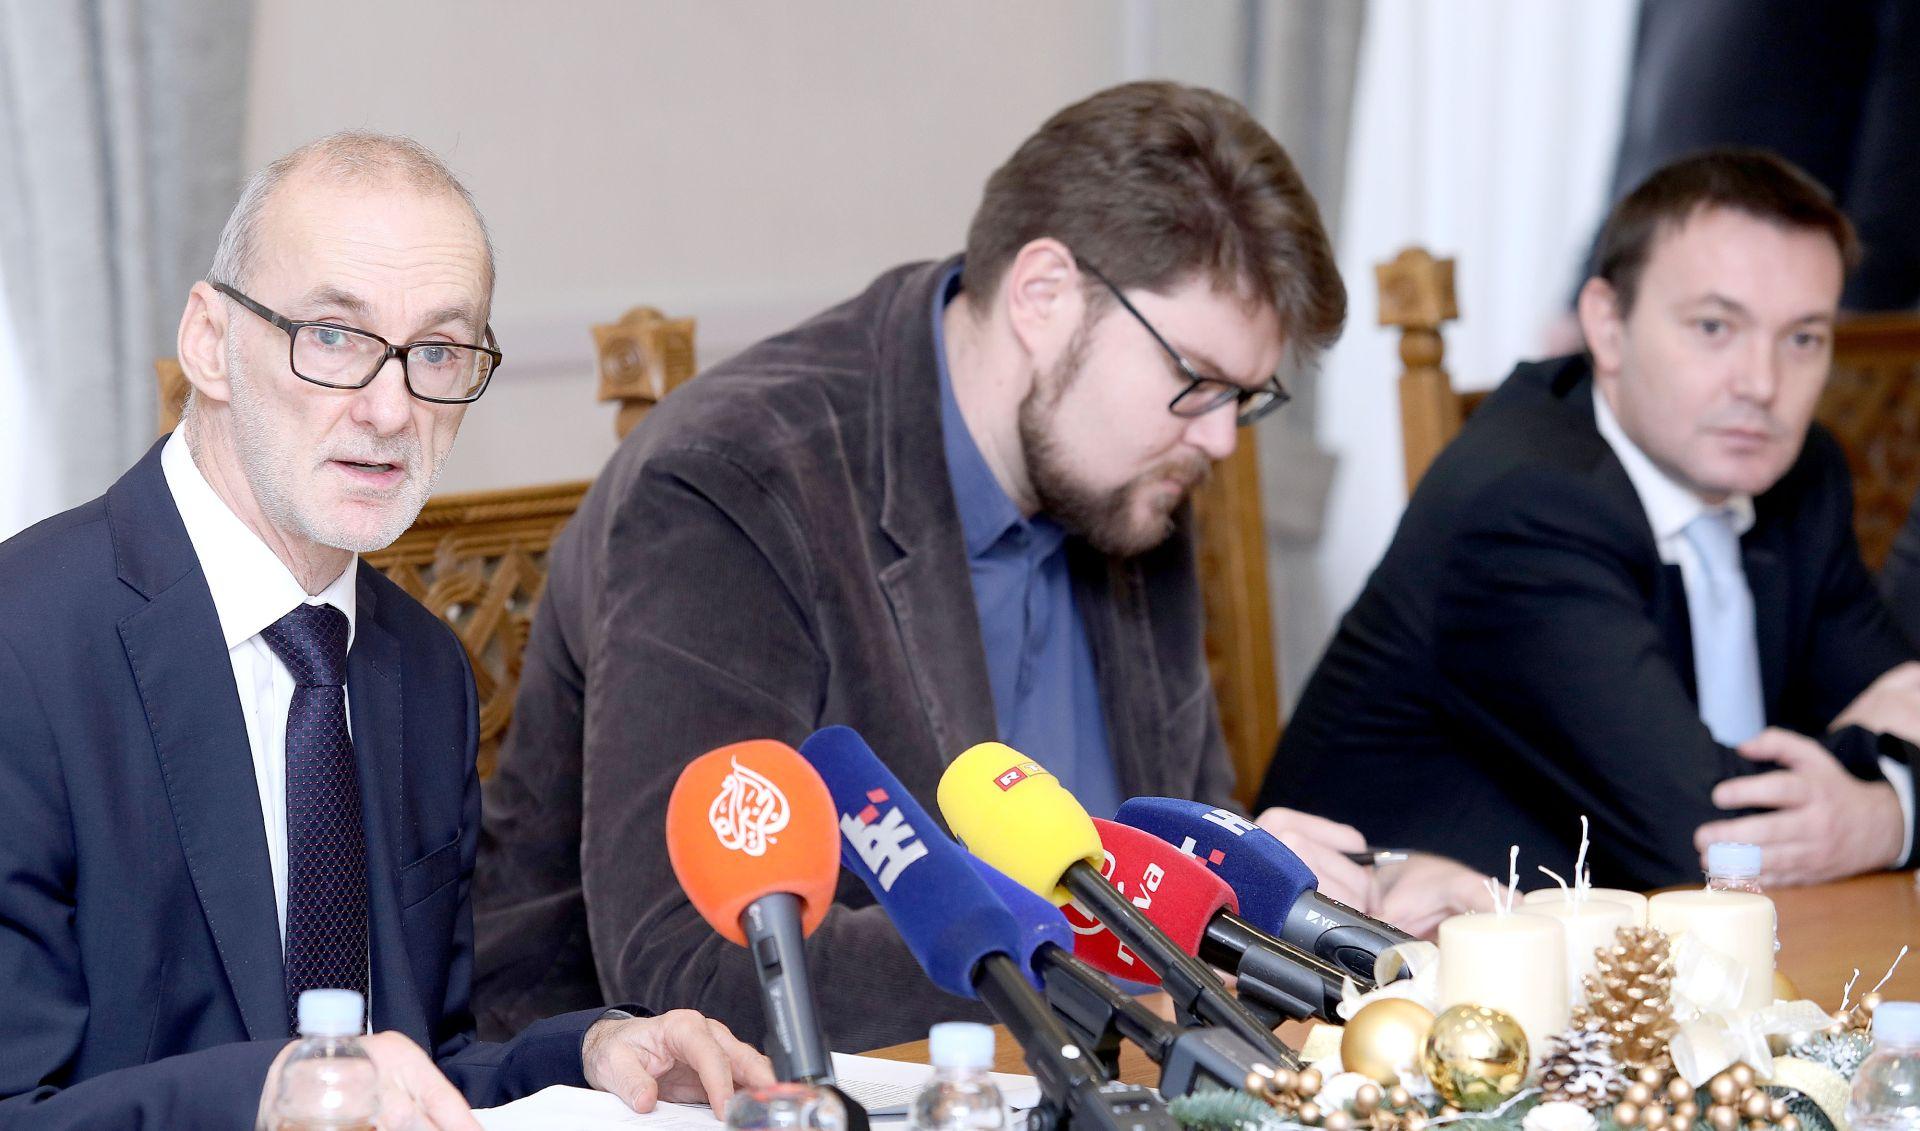 NASTAVAK SJEDNICE UJUTRO Odbor za Ustav bez zaključka o ploči u Jasenovcu